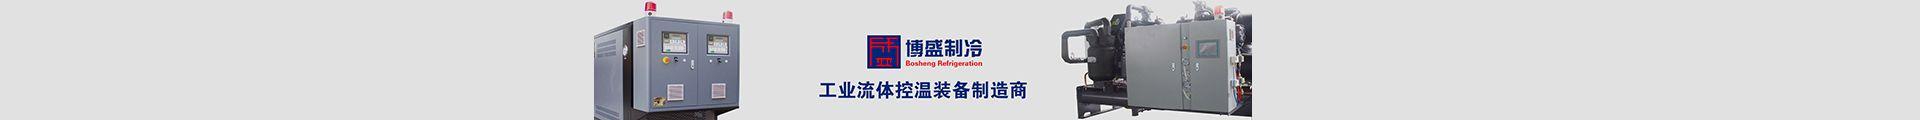 南京博盛制冷设备有限公司